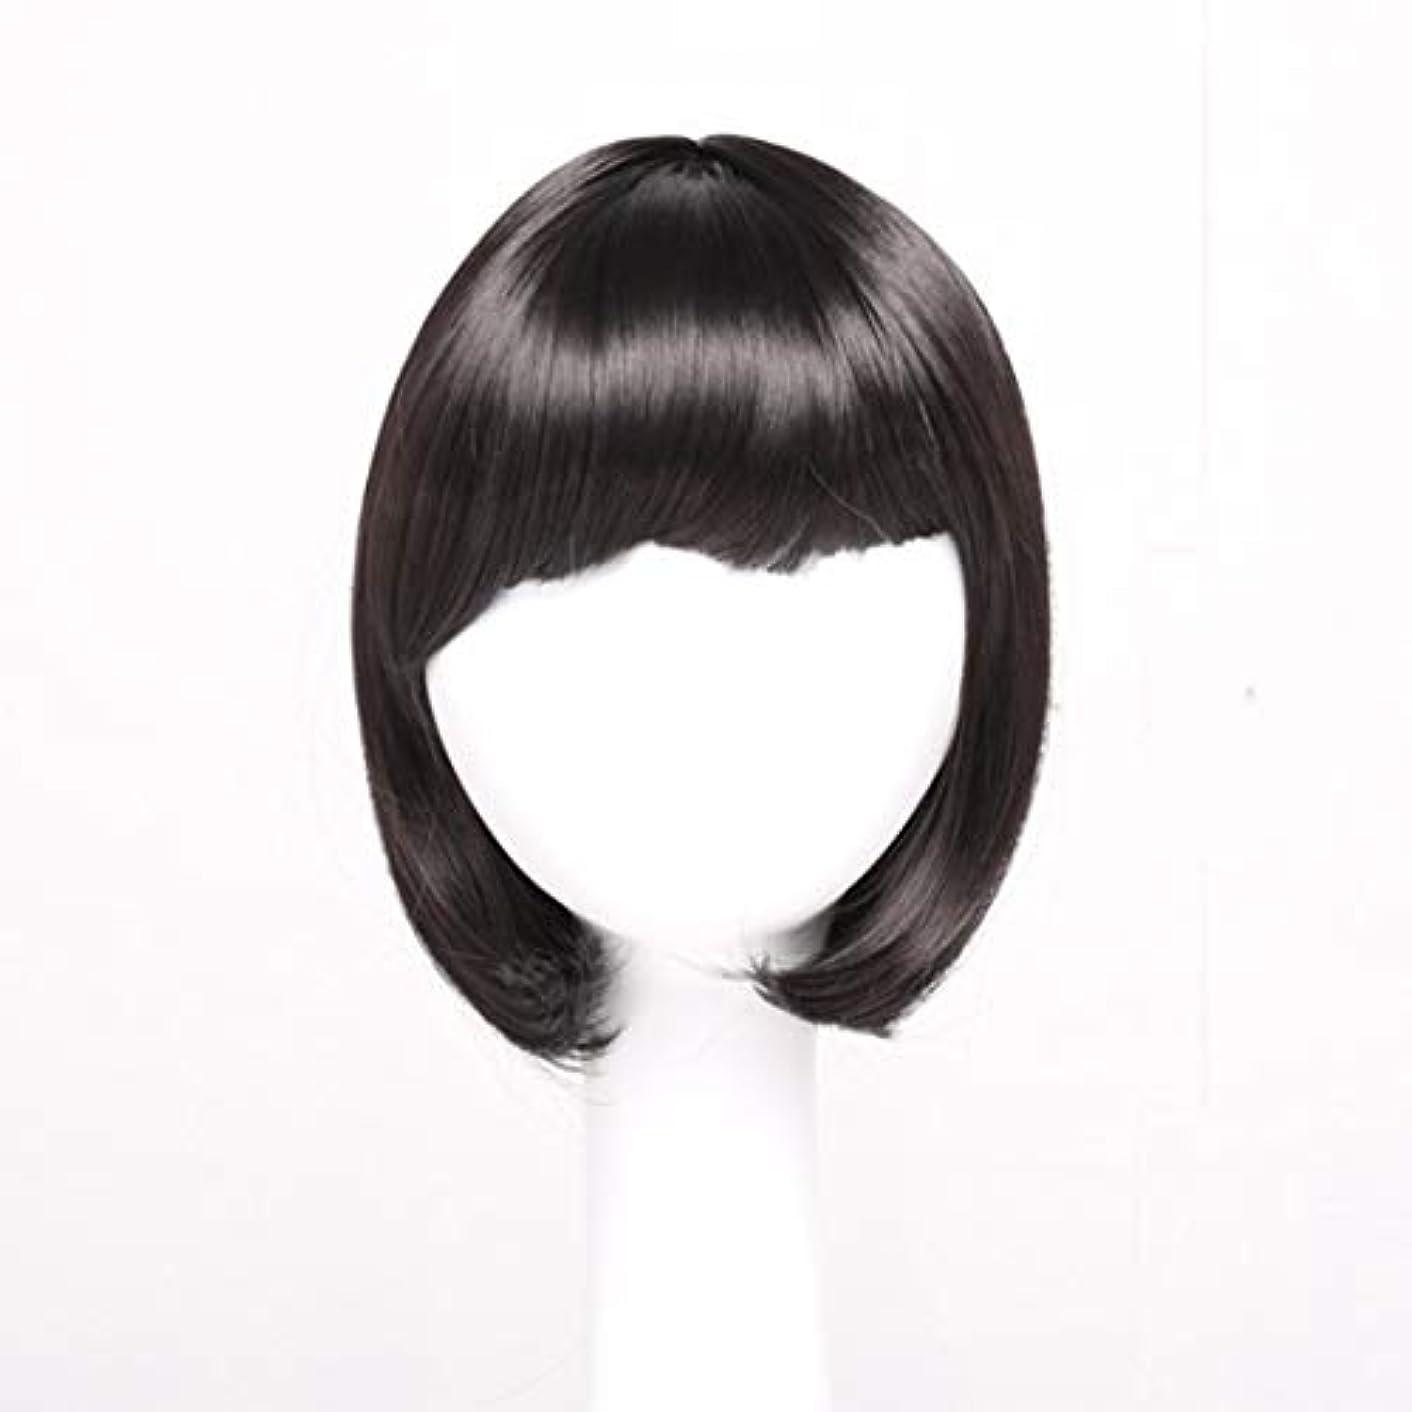 ランドマーク小道具常習者Summerys レディースブラックショートストレートヘアー前髪付き前髪ウェーブヘッドかつらセットヘッドギア (Color : Navy brown)